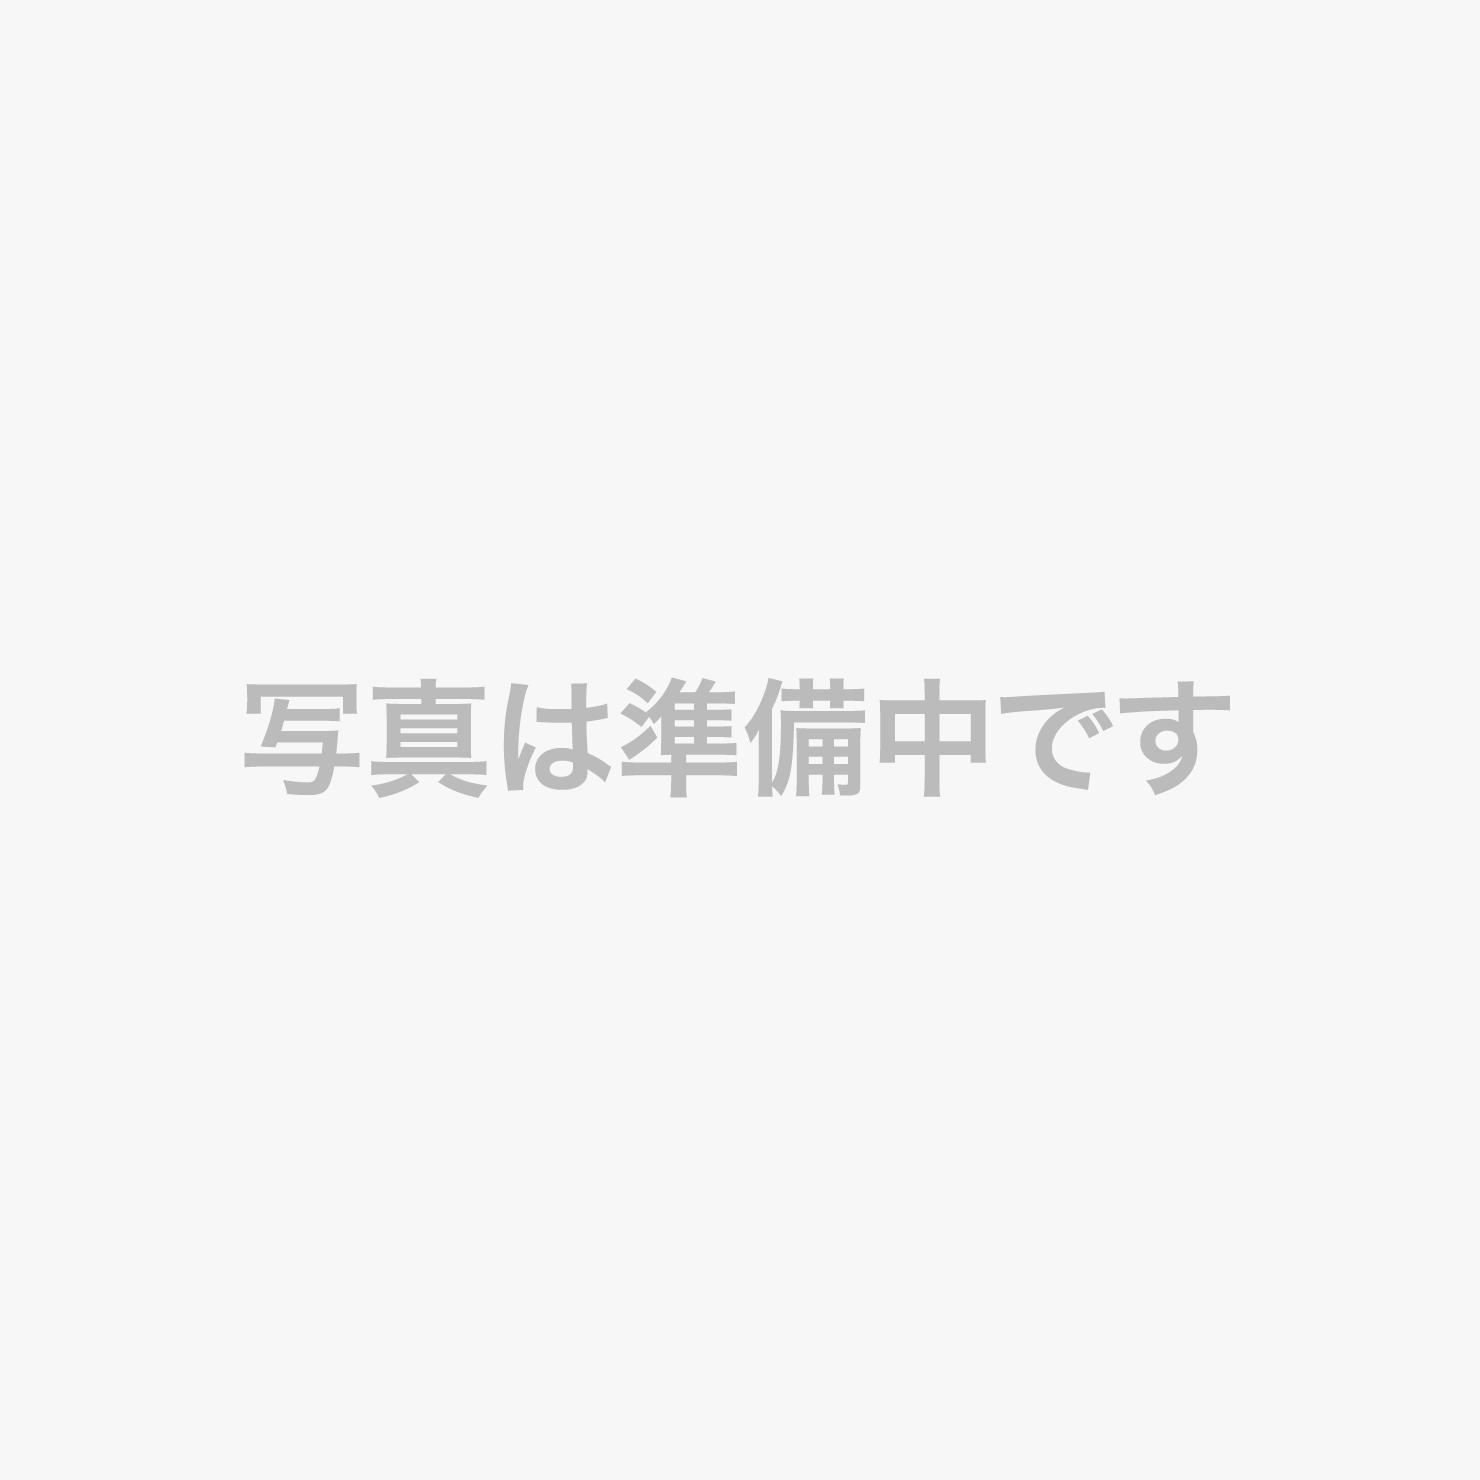 """【お食事処】堀木エリ子氏プロデュースの造形和紙の幻想空間""""ステイダイニング にほん"""""""